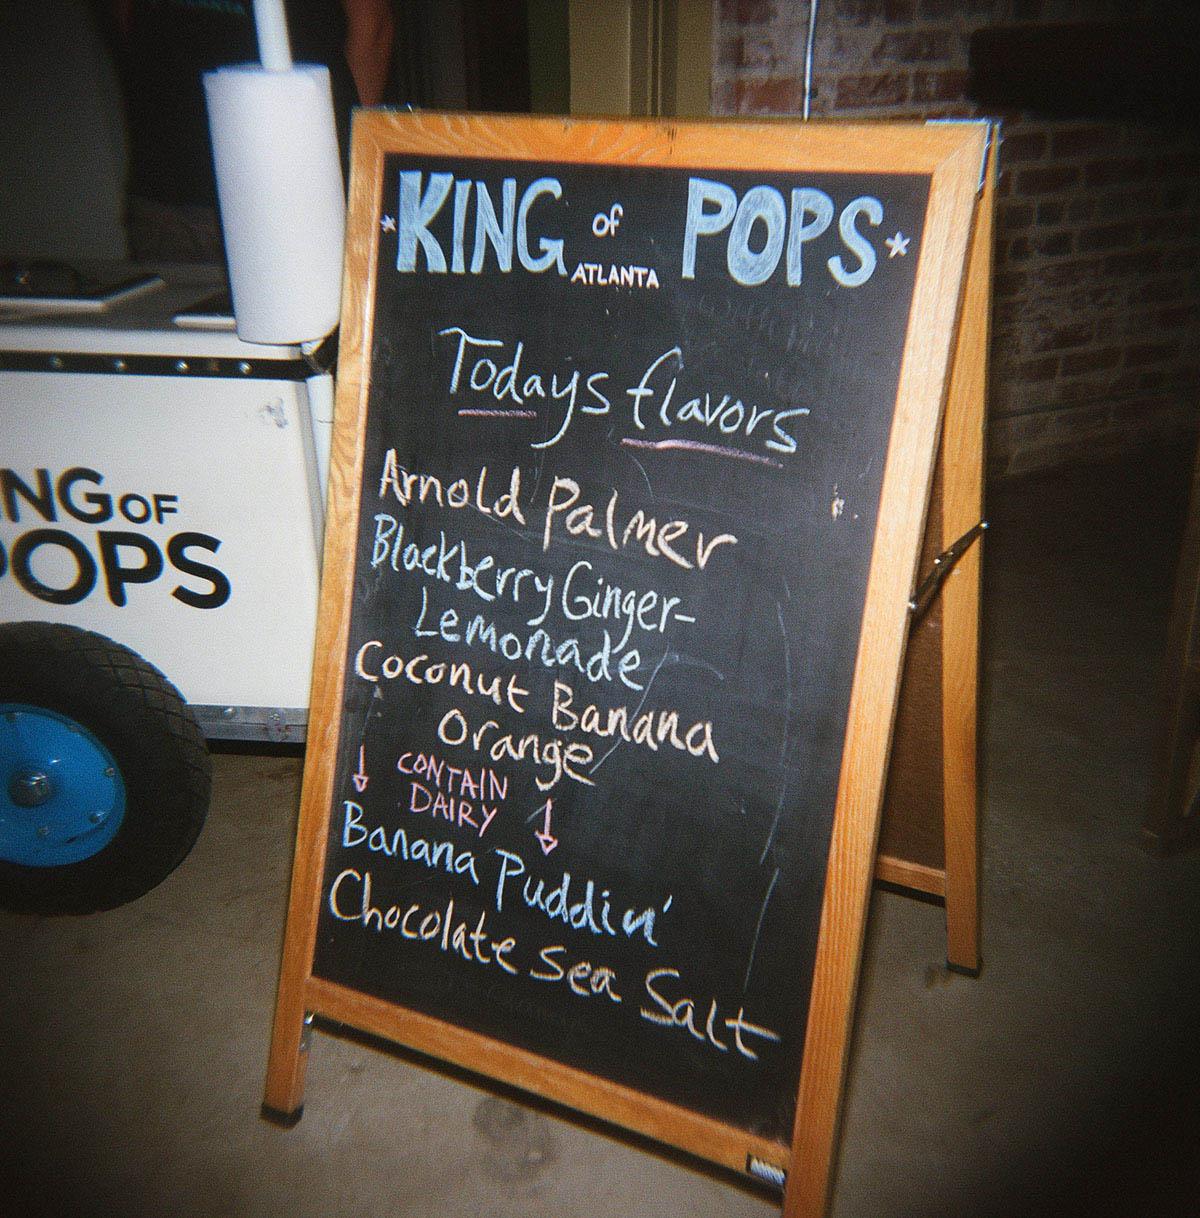 35-king-of-pops-popsicles.jpg